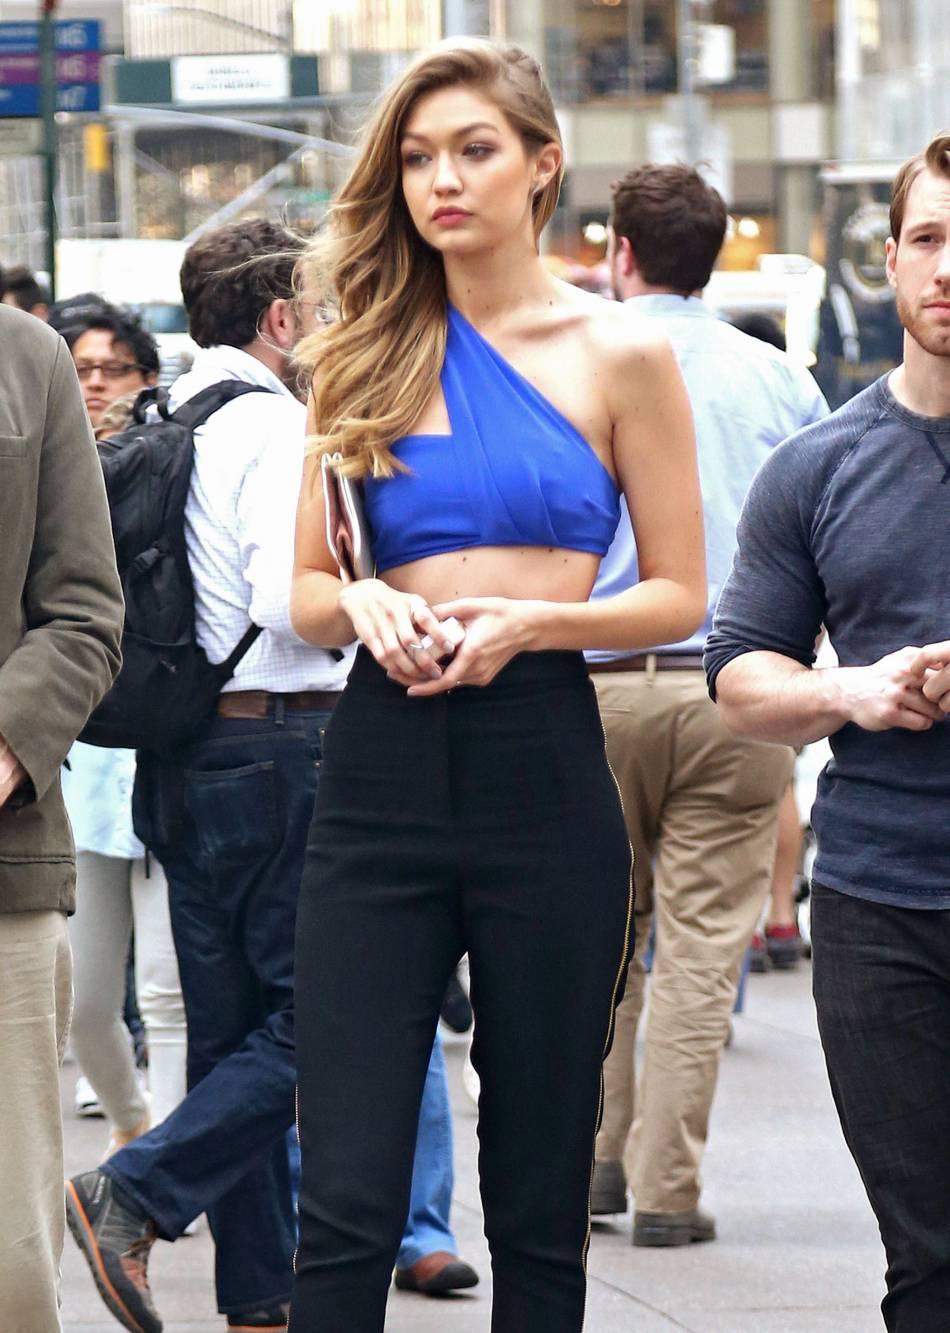 Gigi Hadid étourdissante dans sa brassière bleu électrique.